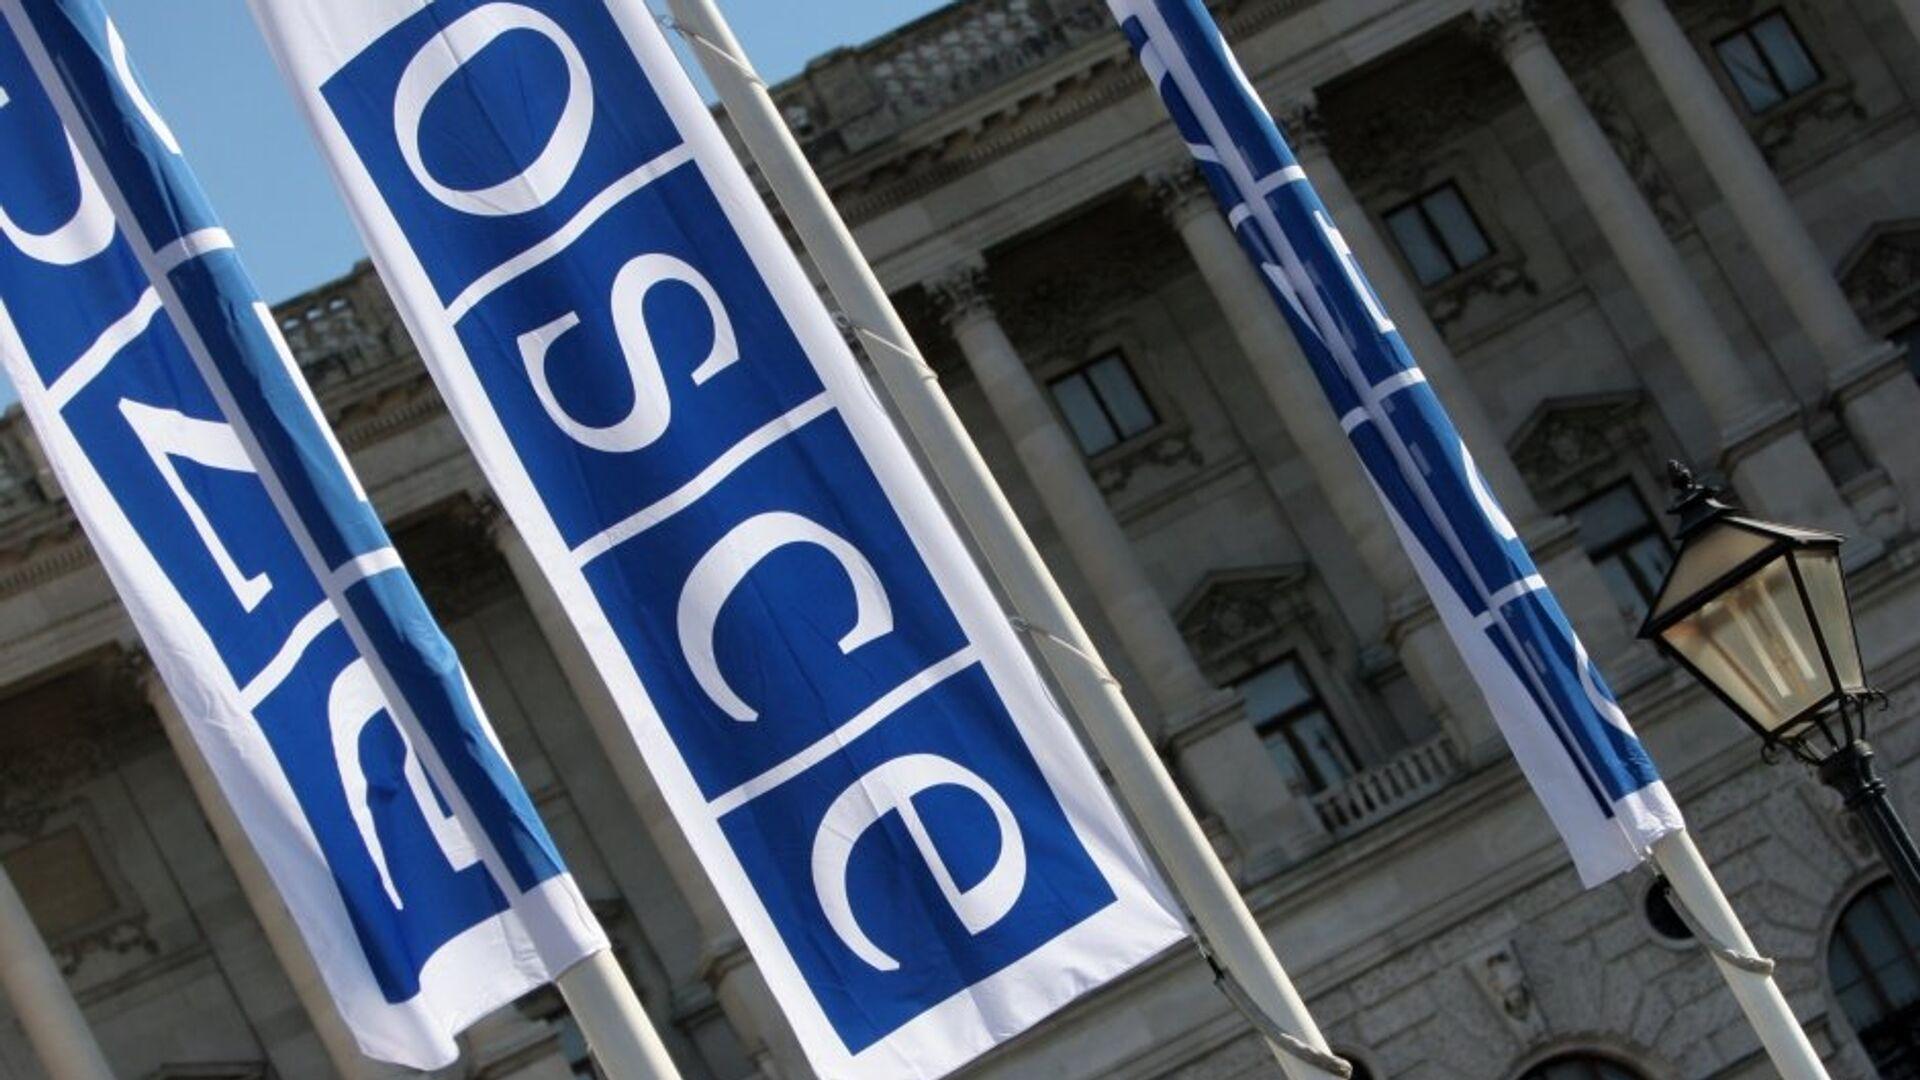 Флаги с логотипом ОБСЕ в Вене - РИА Новости, 1920, 07.01.2021